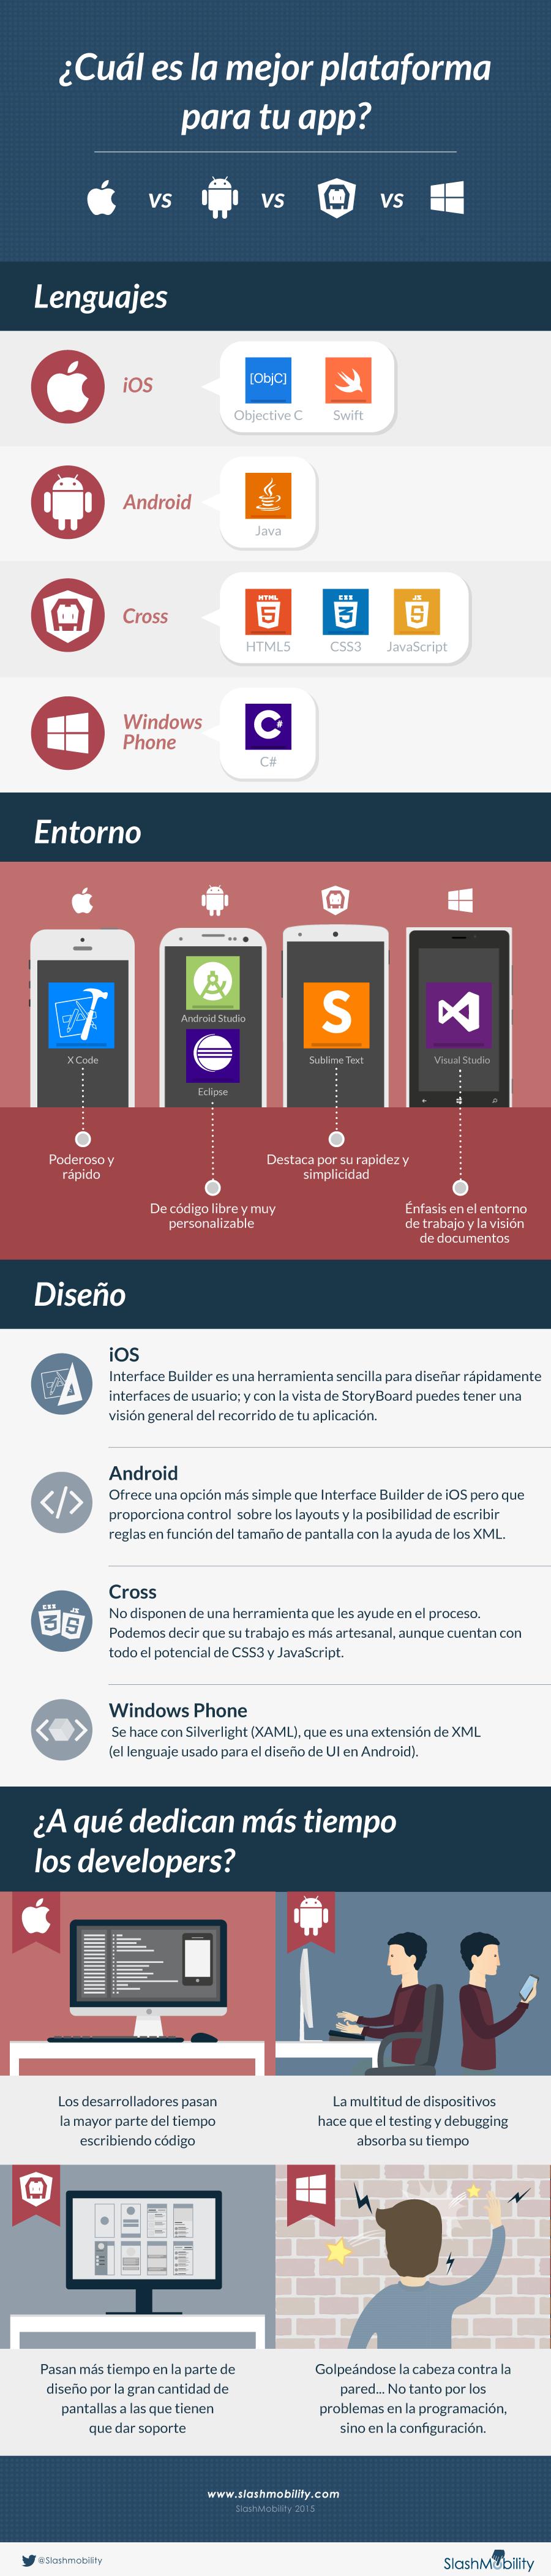 infografia-desarrollo-plataformas-apps